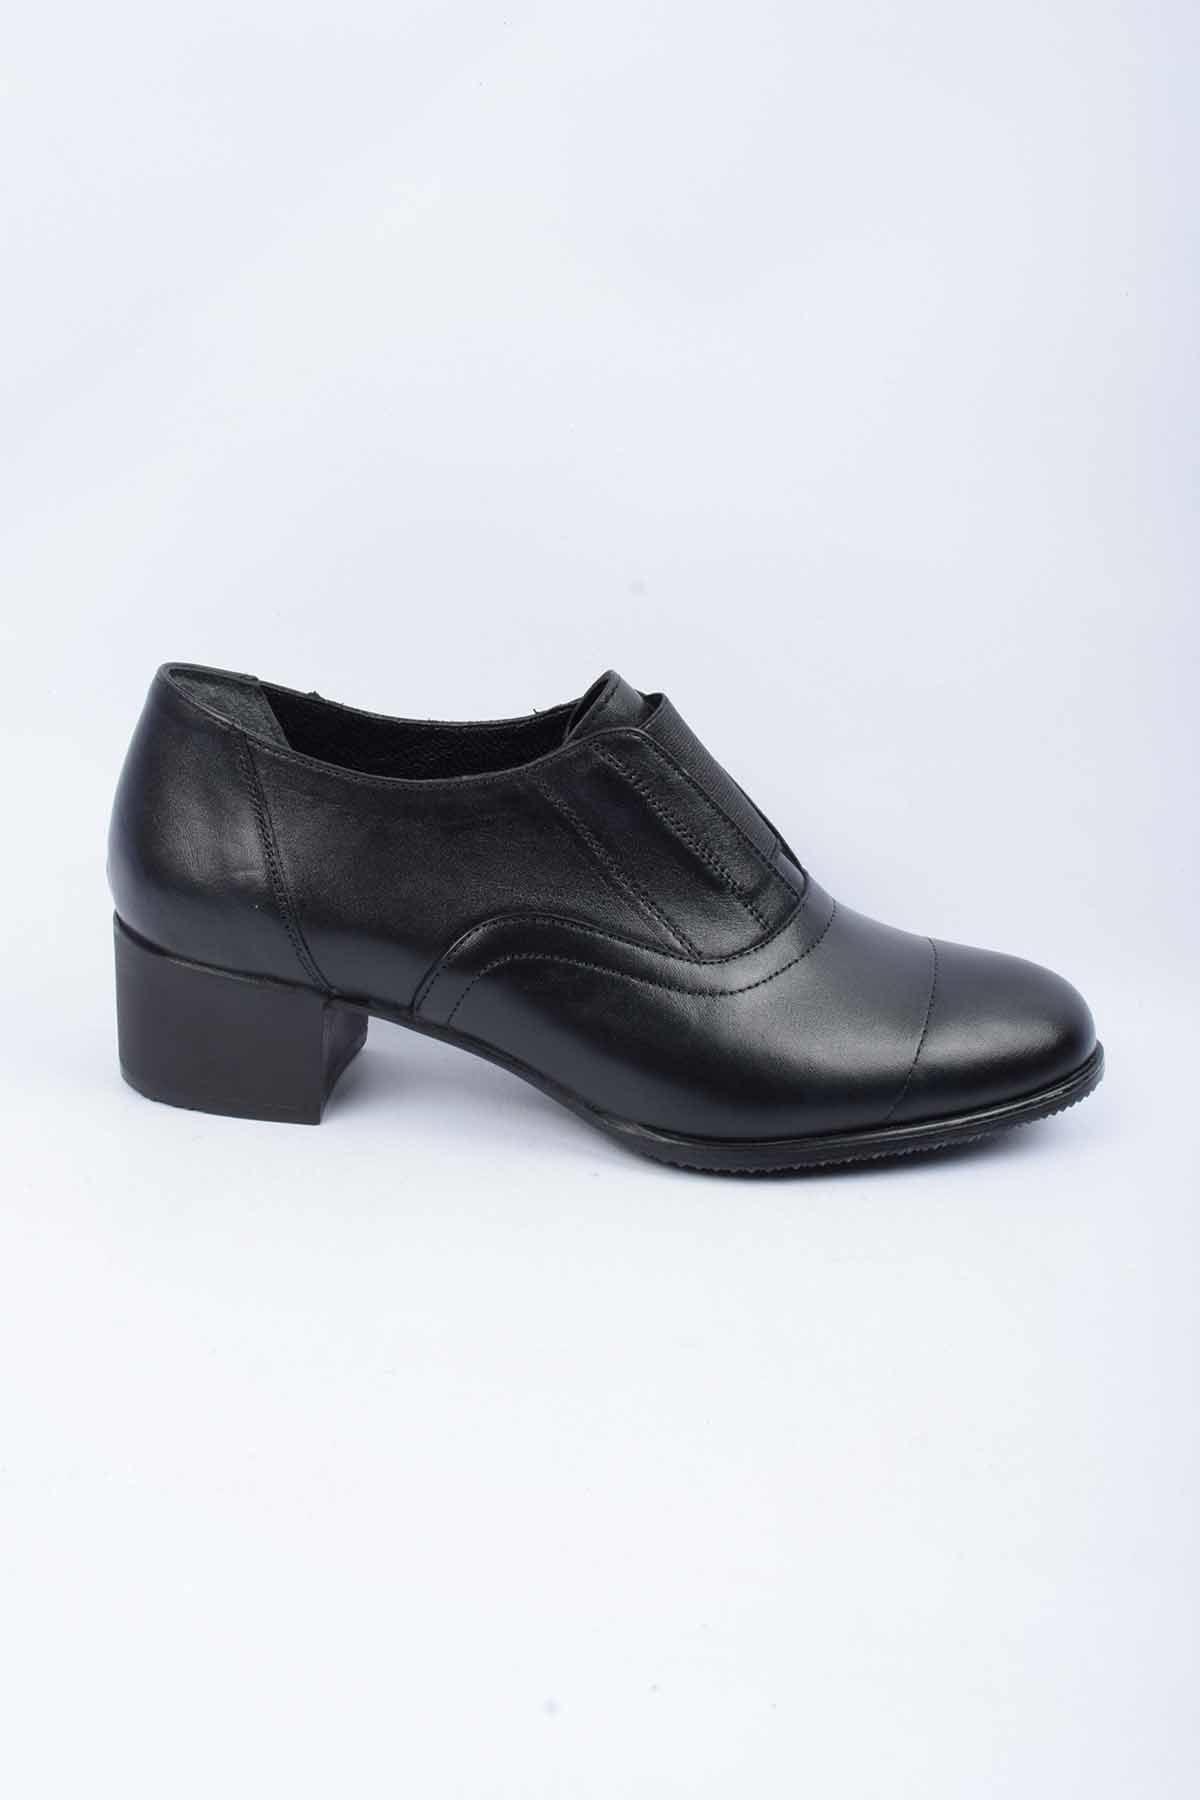 CHELSY Hakiki Deri Kadın Klasik Topuklu Ayakkabı 1